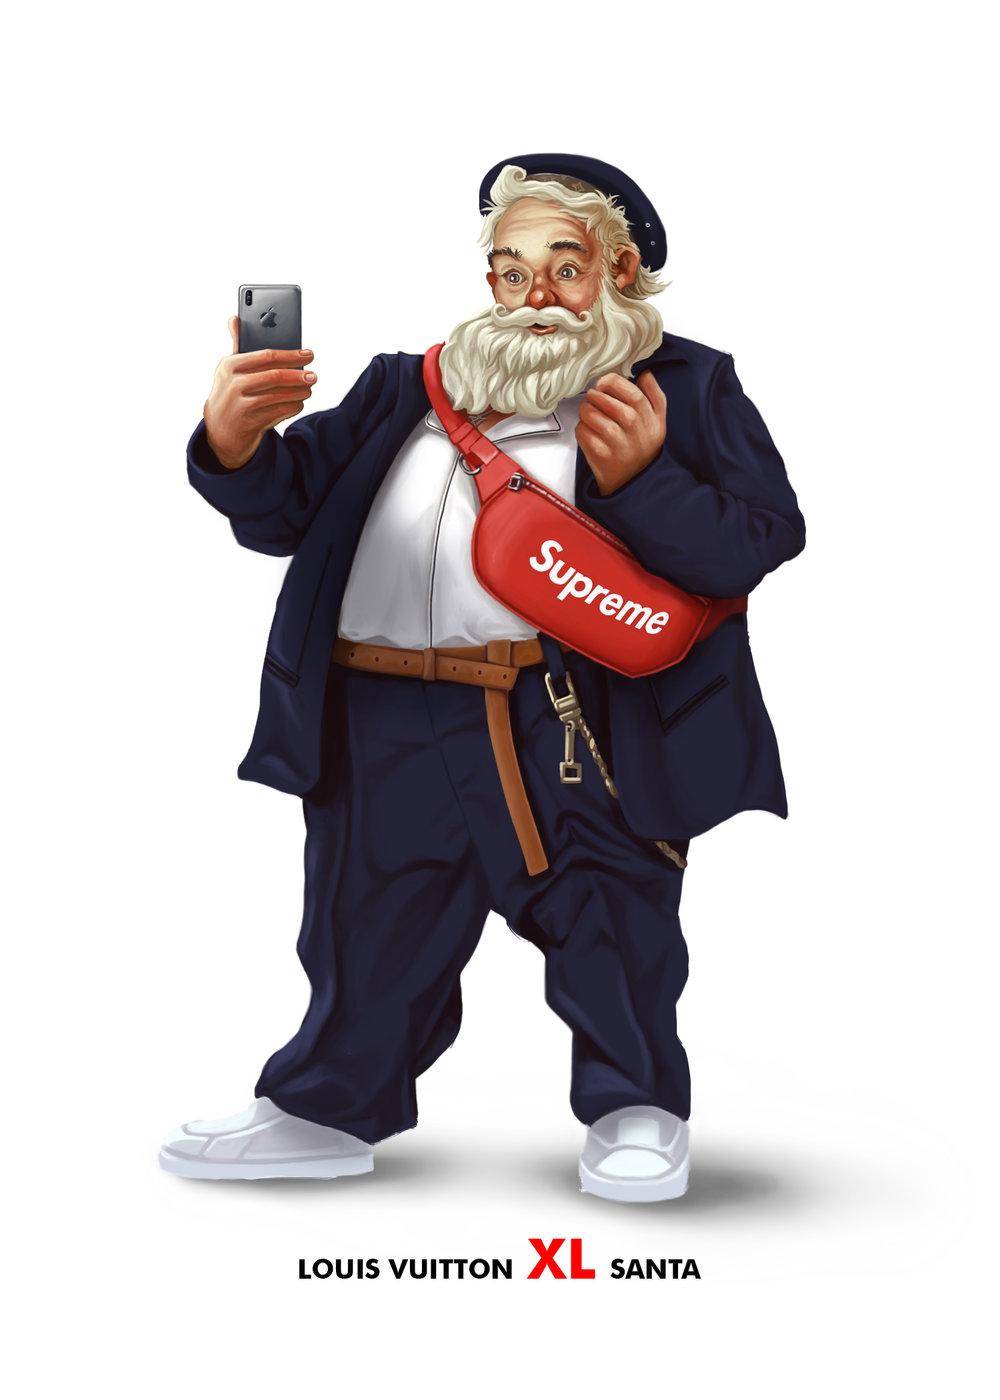 Louis Vuitton XL Santa.jpg